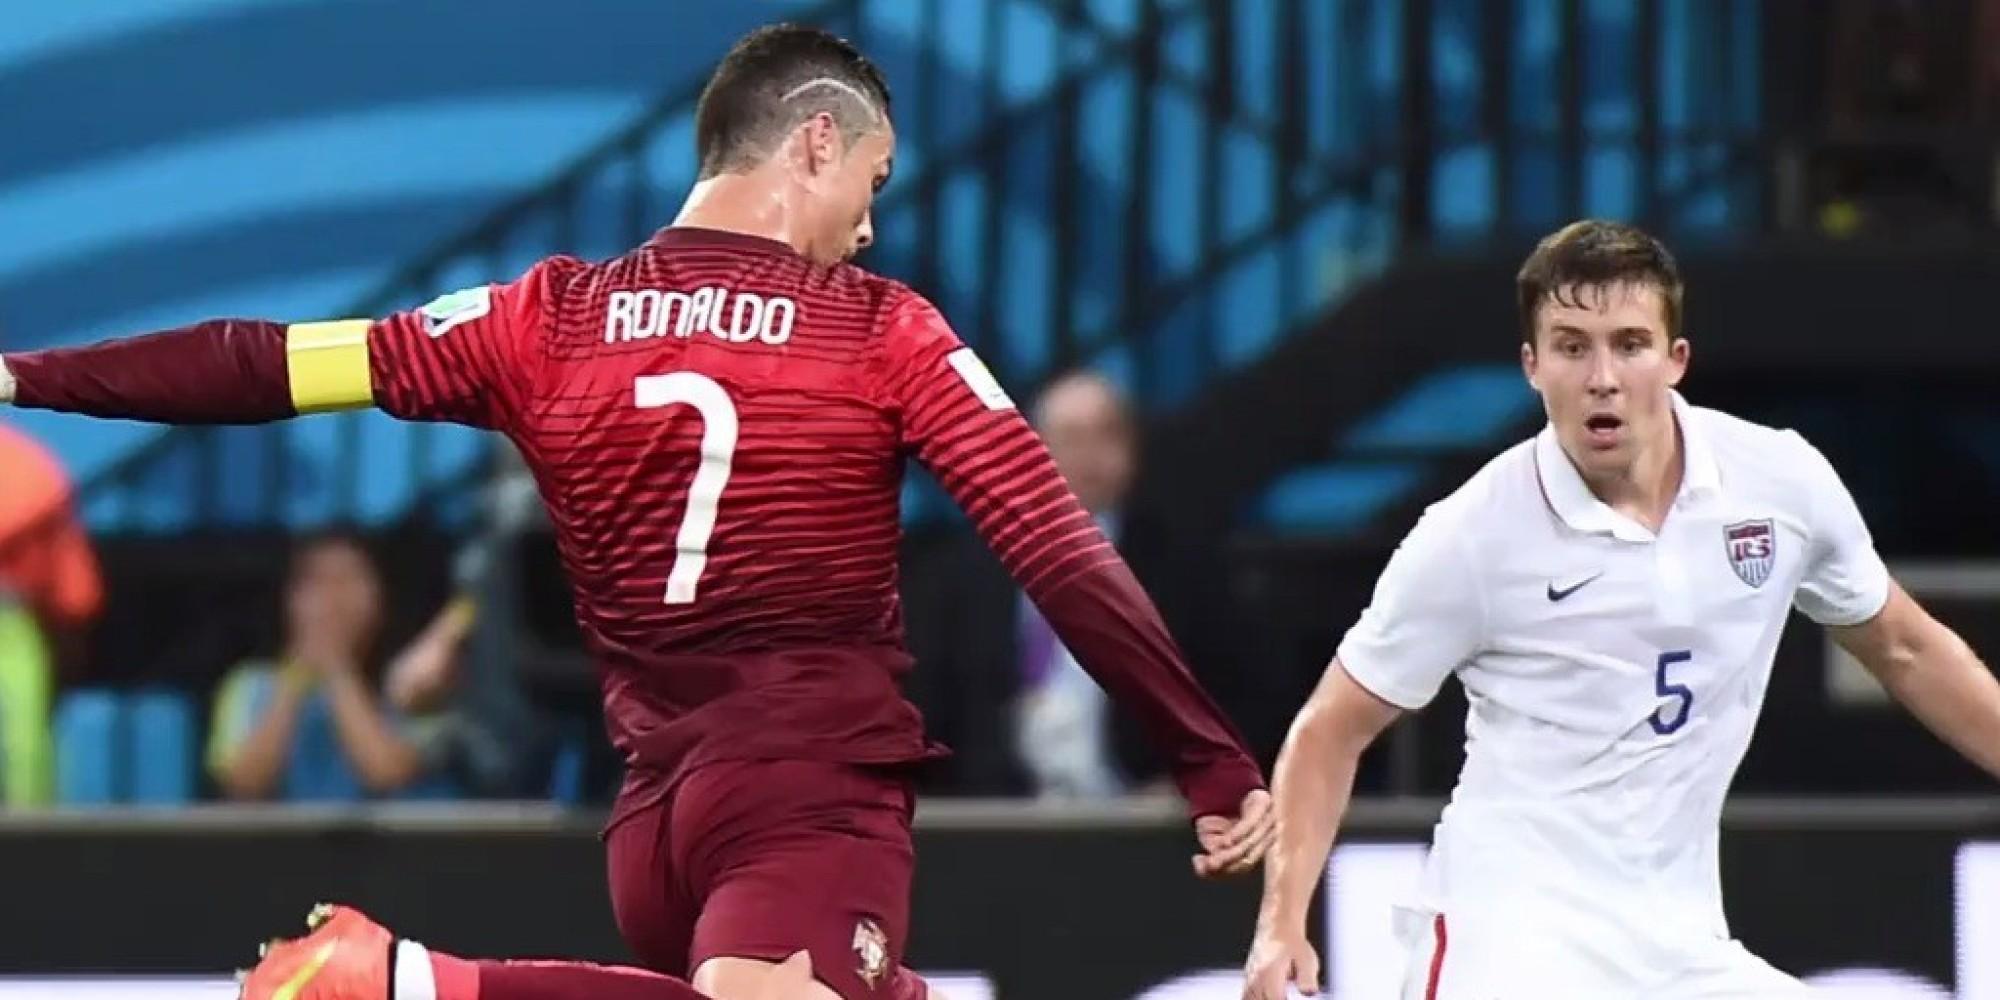 Die rührende Geschichte hinter Christiano Ronaldos Blitzfrisur